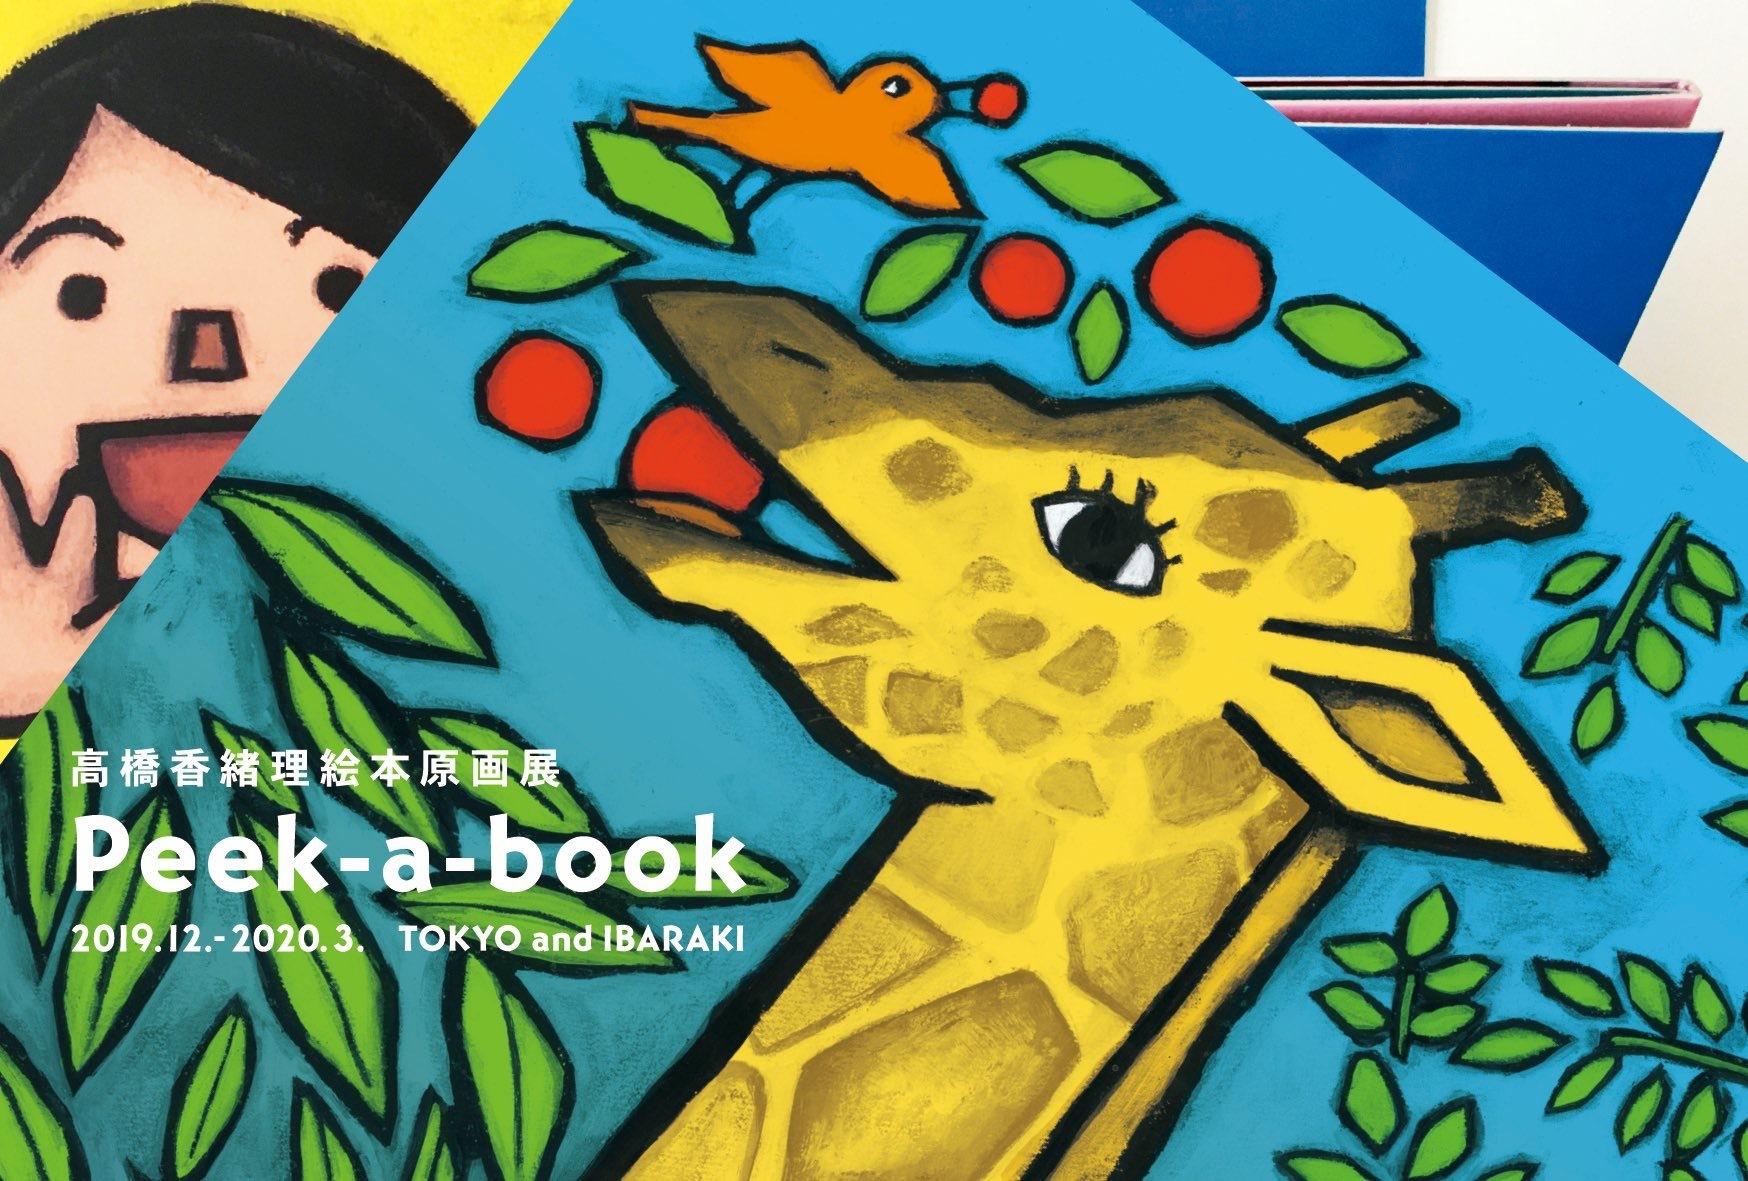 タカハシカオリ絵本原画展 「Peek-a-book」_c0192615_17011009.jpeg